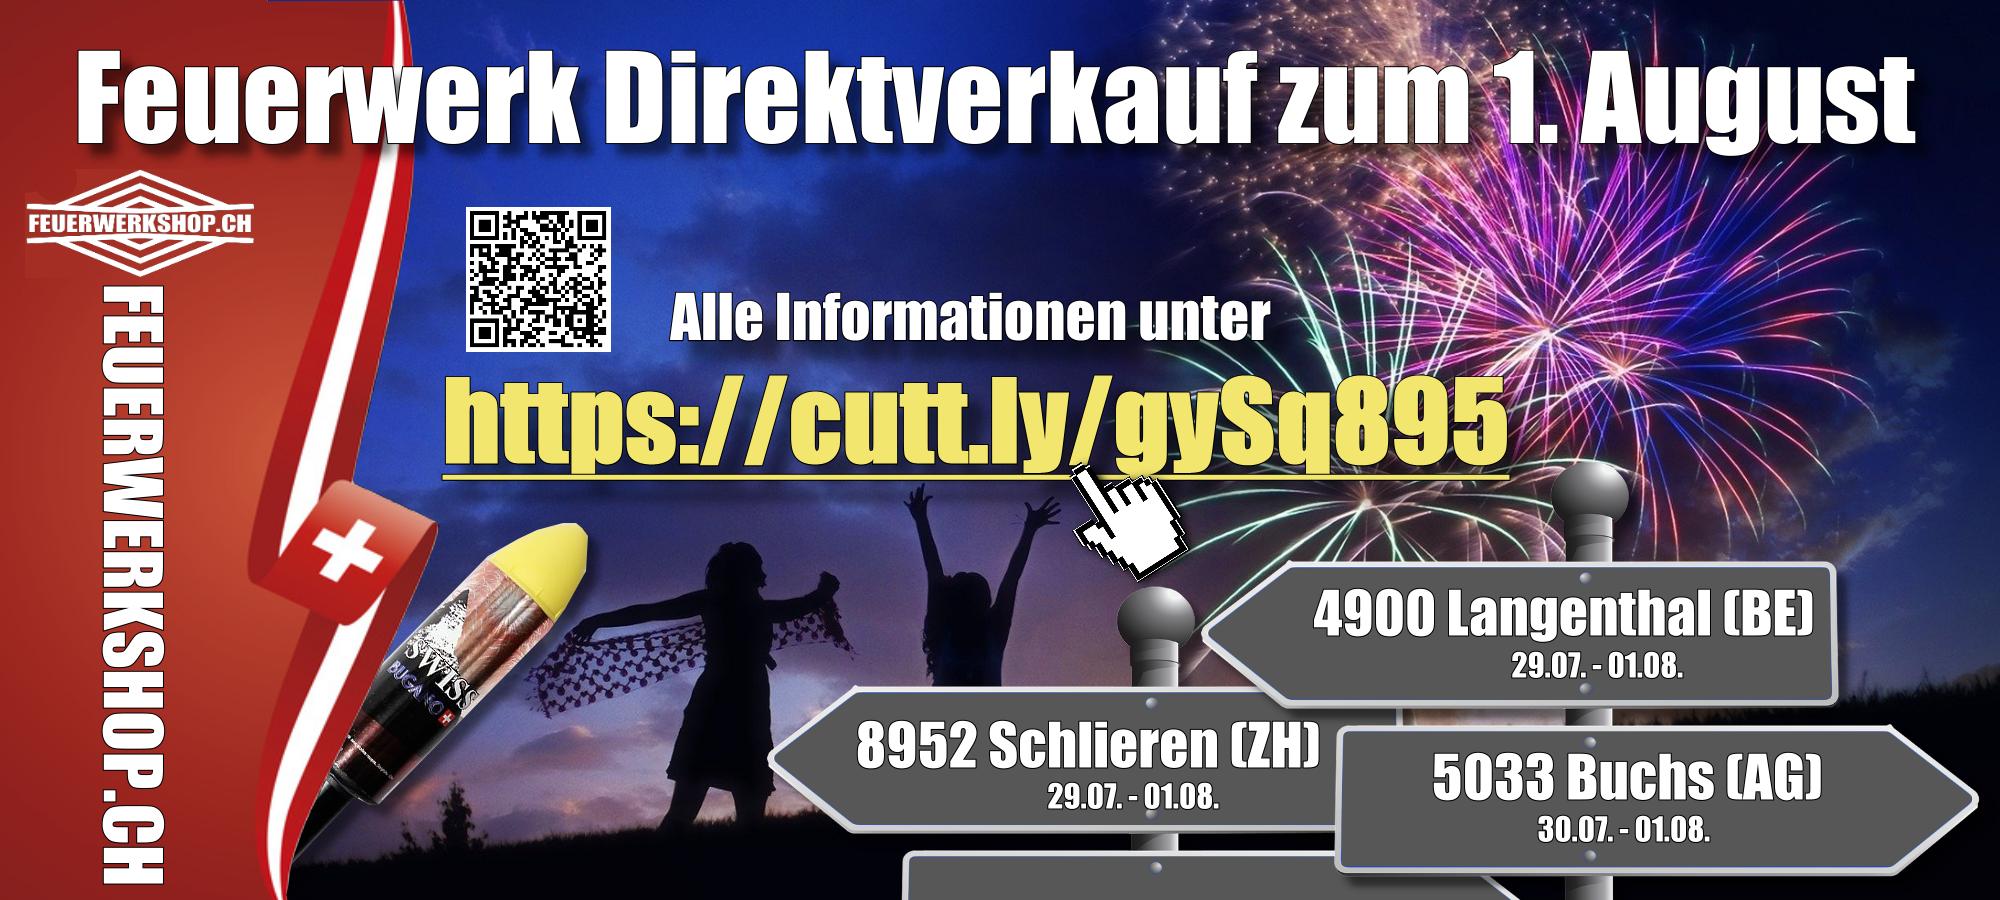 Feuerwerk Direktverkauf in der Schweiz zum 1. August